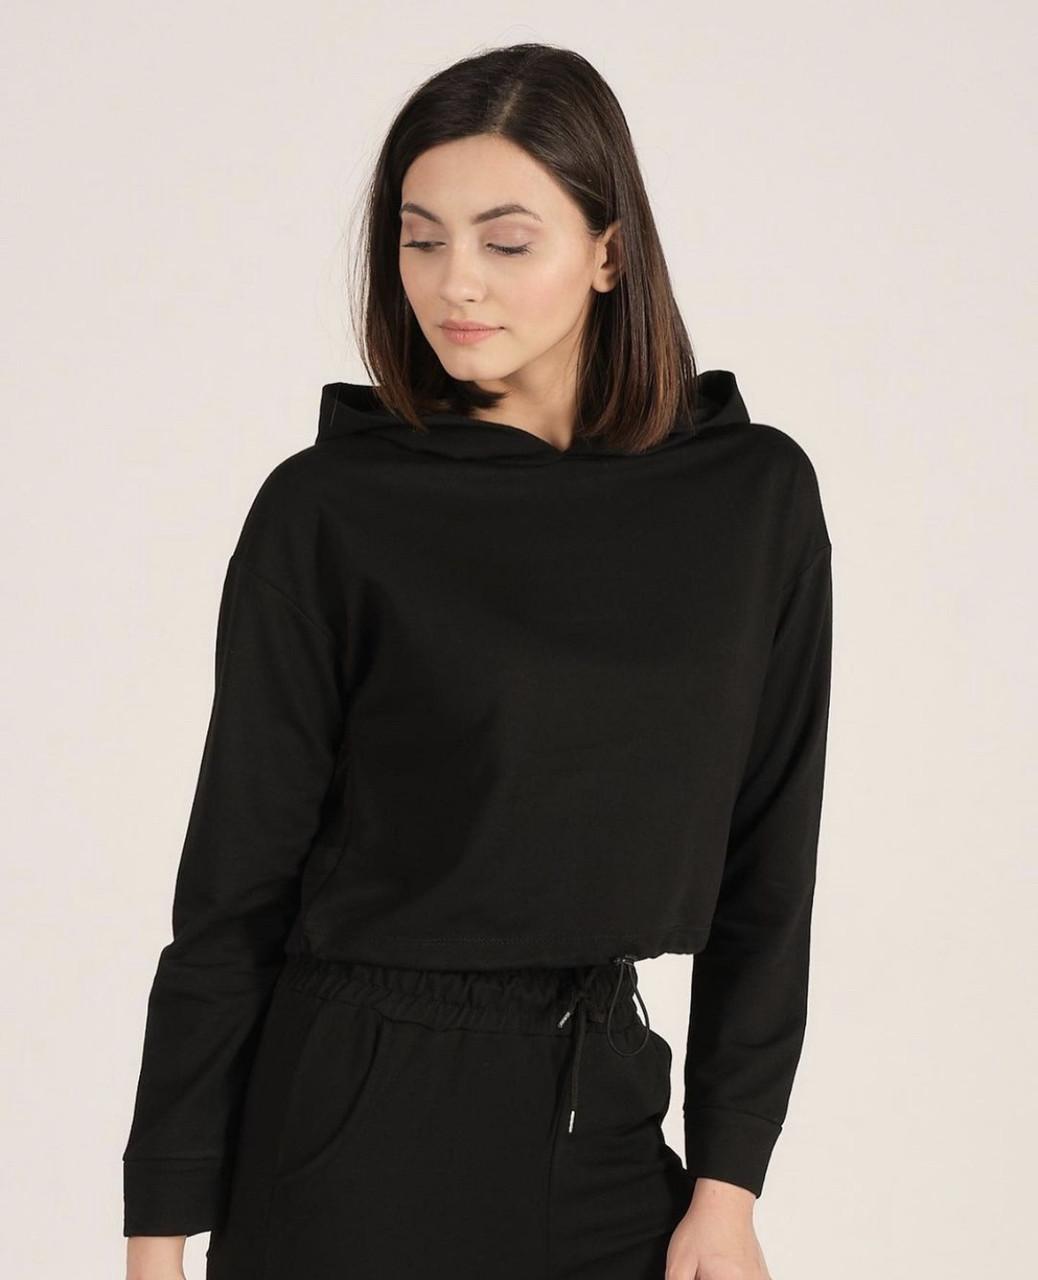 Женская кофта худи с капюшоном (42-46)